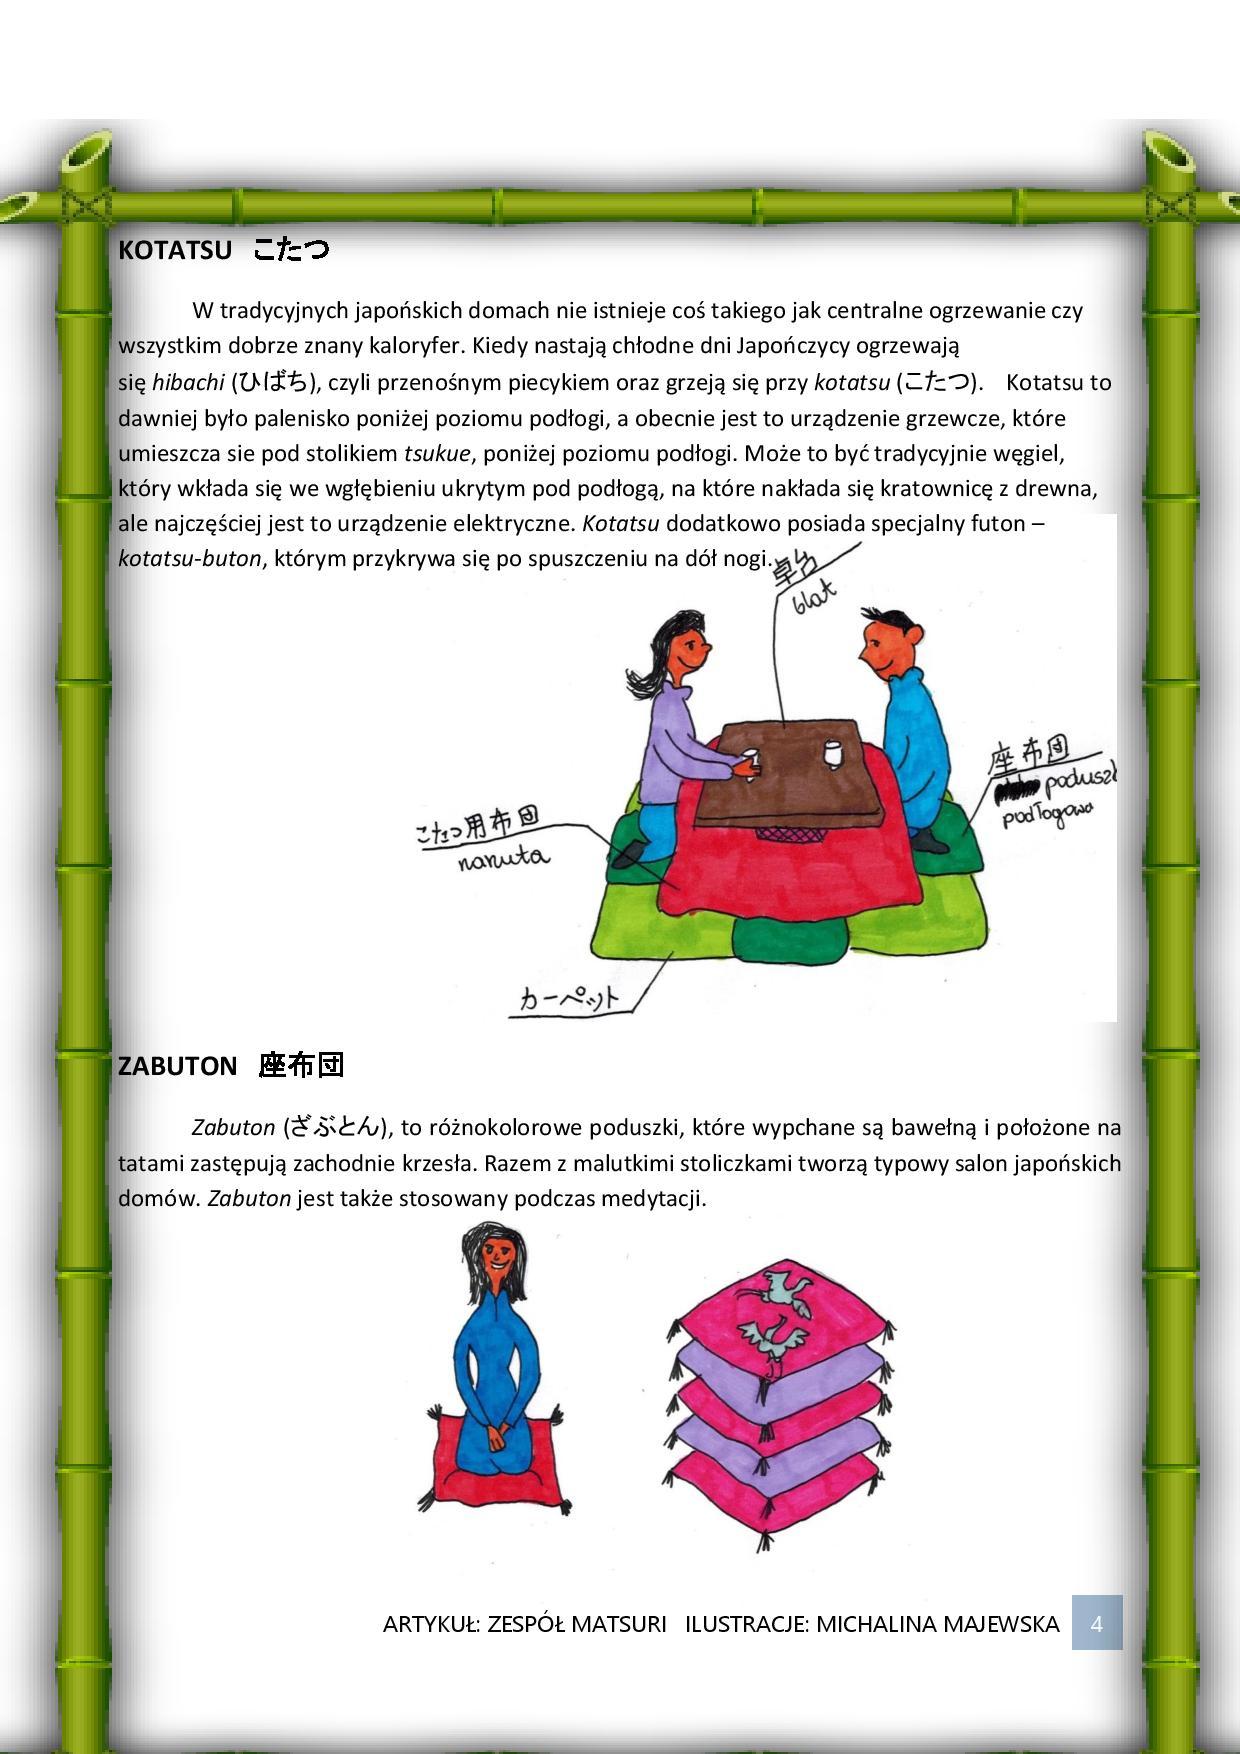 Życie codzienne Japonczykow - dom-page-004